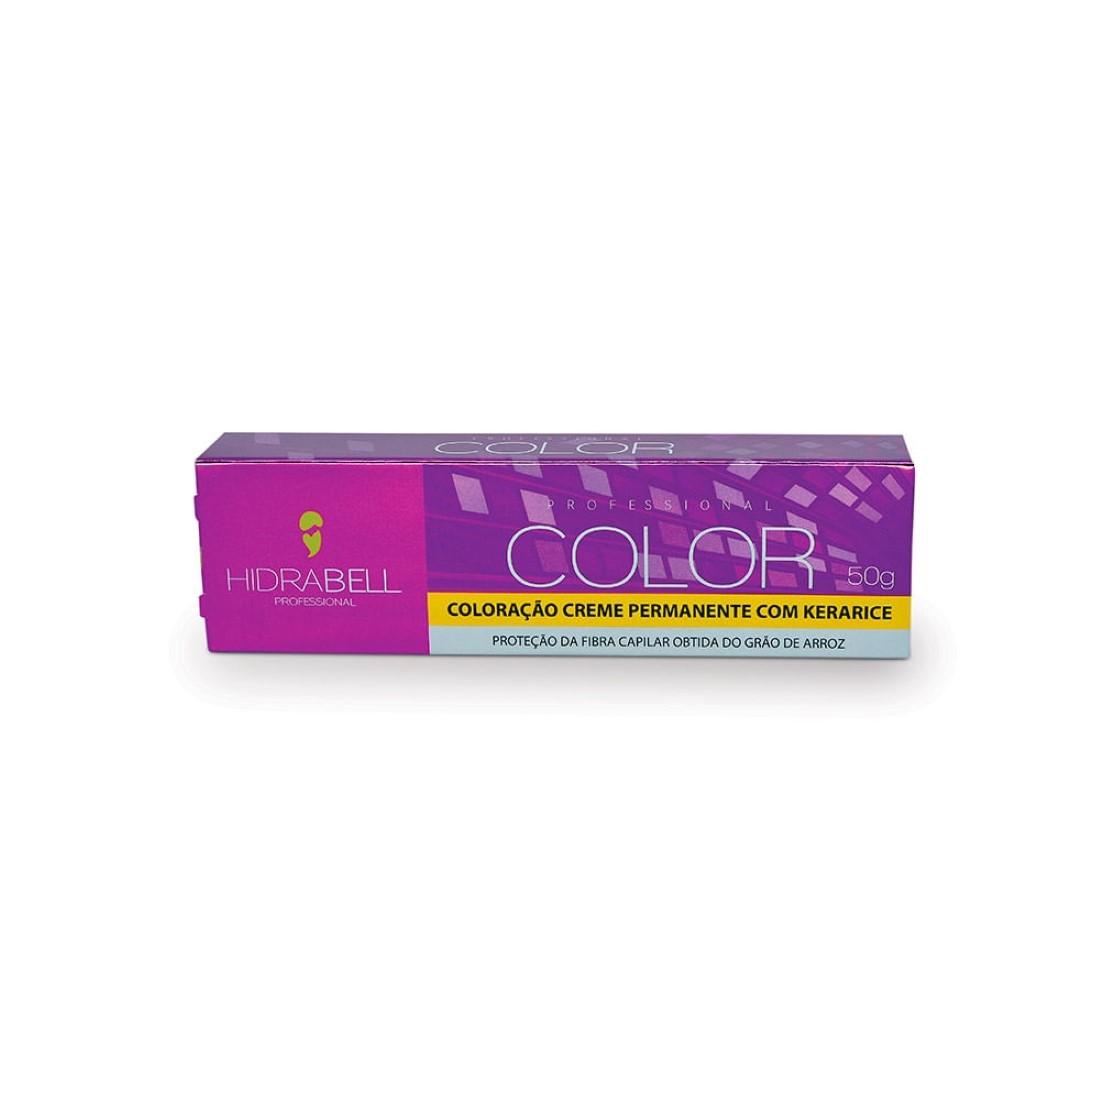 Coloração Creme Permanente 7.4 Louro Médio Cobre 50g - Hidrabell